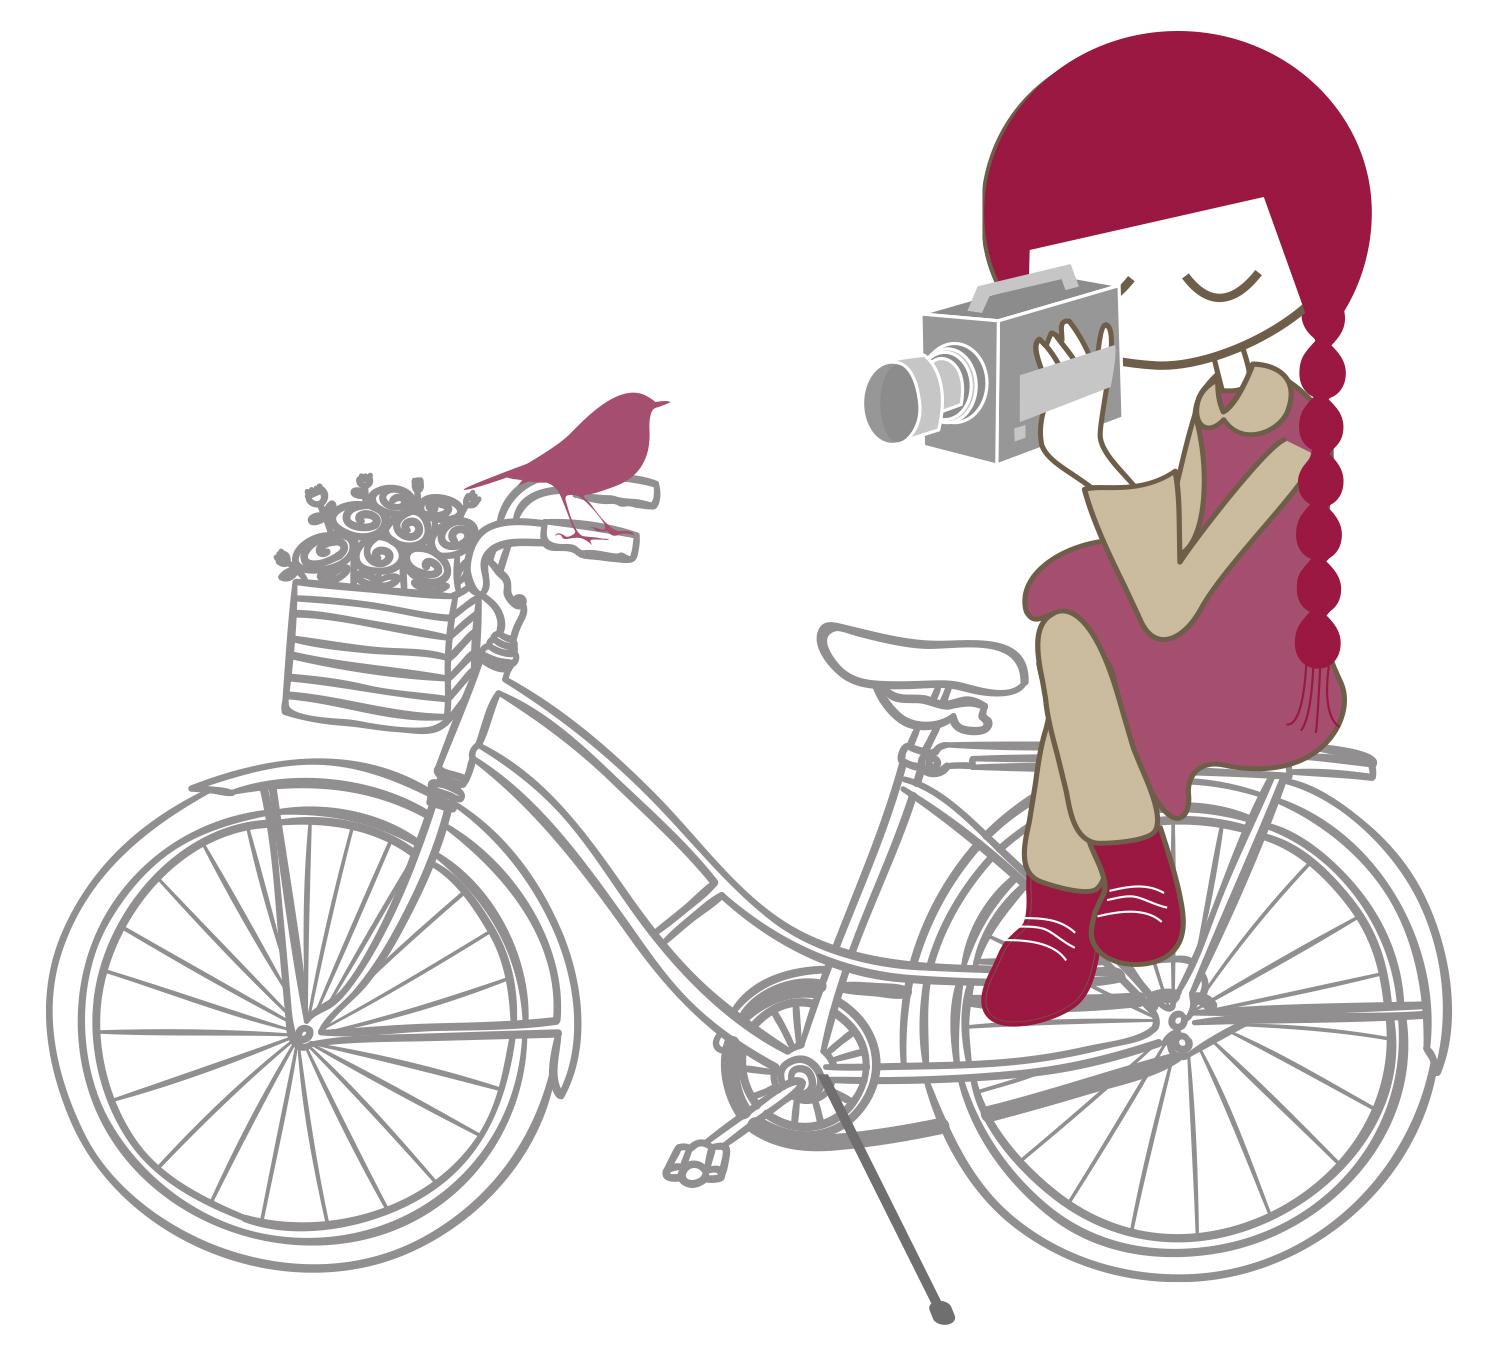 Ponte en marcha bici (ponte en marcha imagen.jpg)